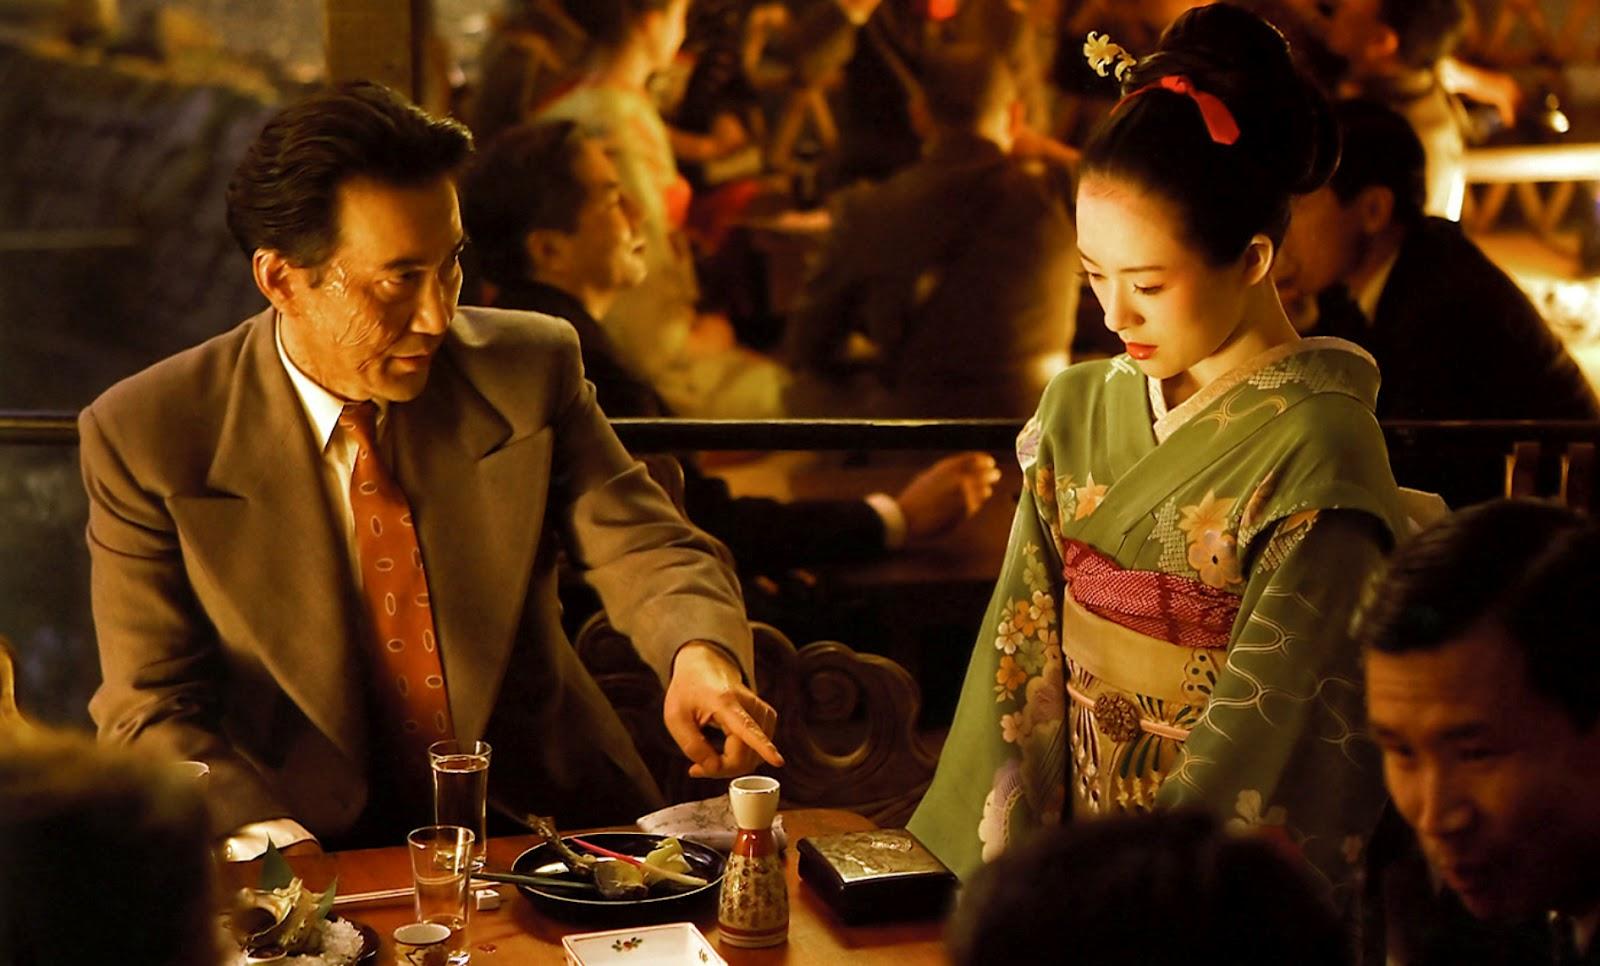 Memoirs-of-a-Geisha-memoirs-of-a-geisha-7216786-1465-1063